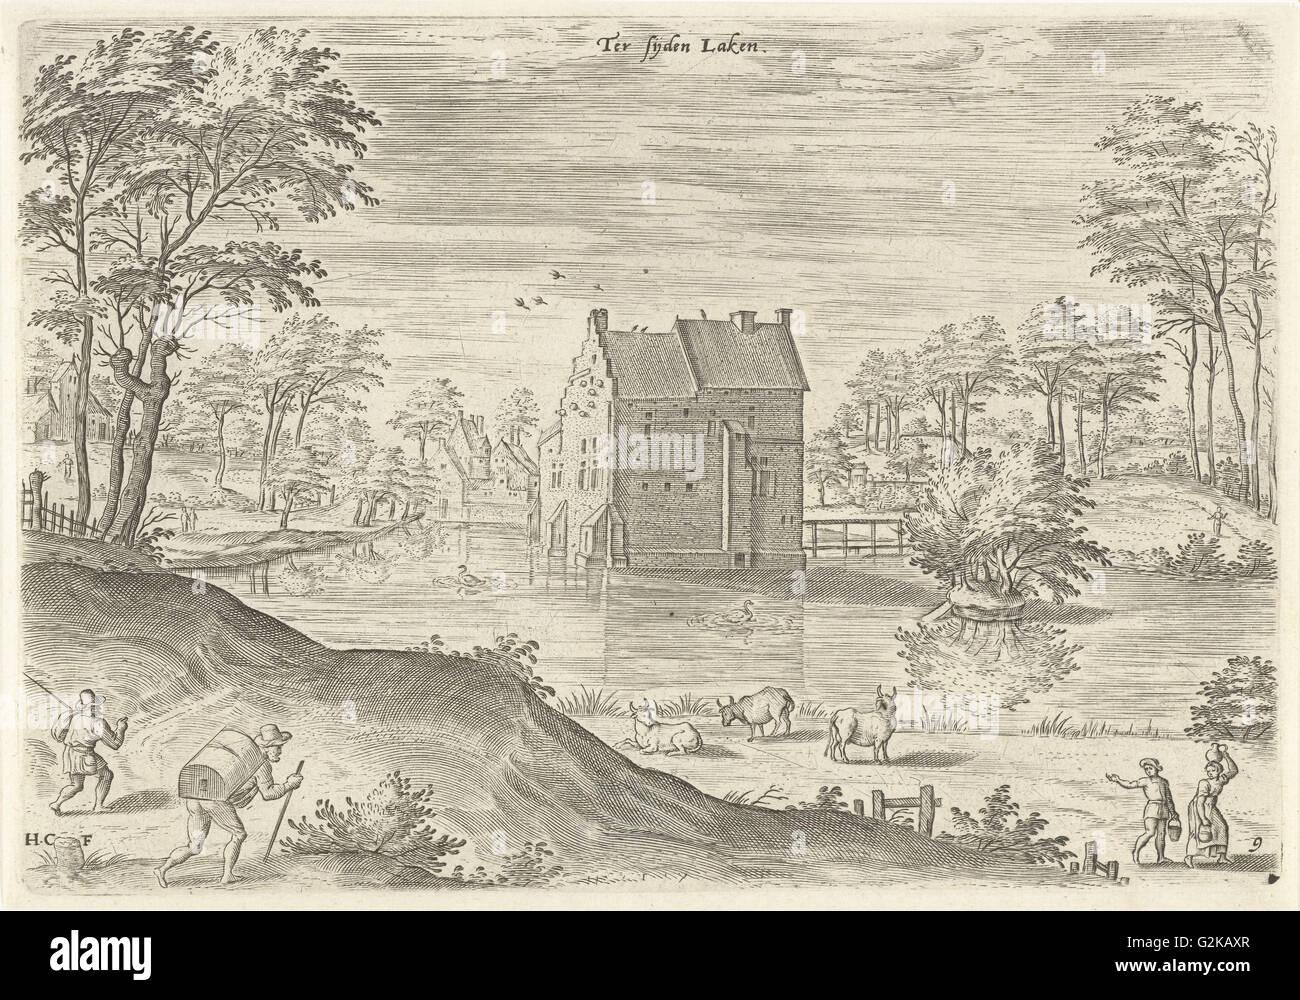 Castle Coensborg in Laken, Hans Collaert I, Hans Bol, Claes Jansz. Visscher II, 1530-1580 - Stock Image